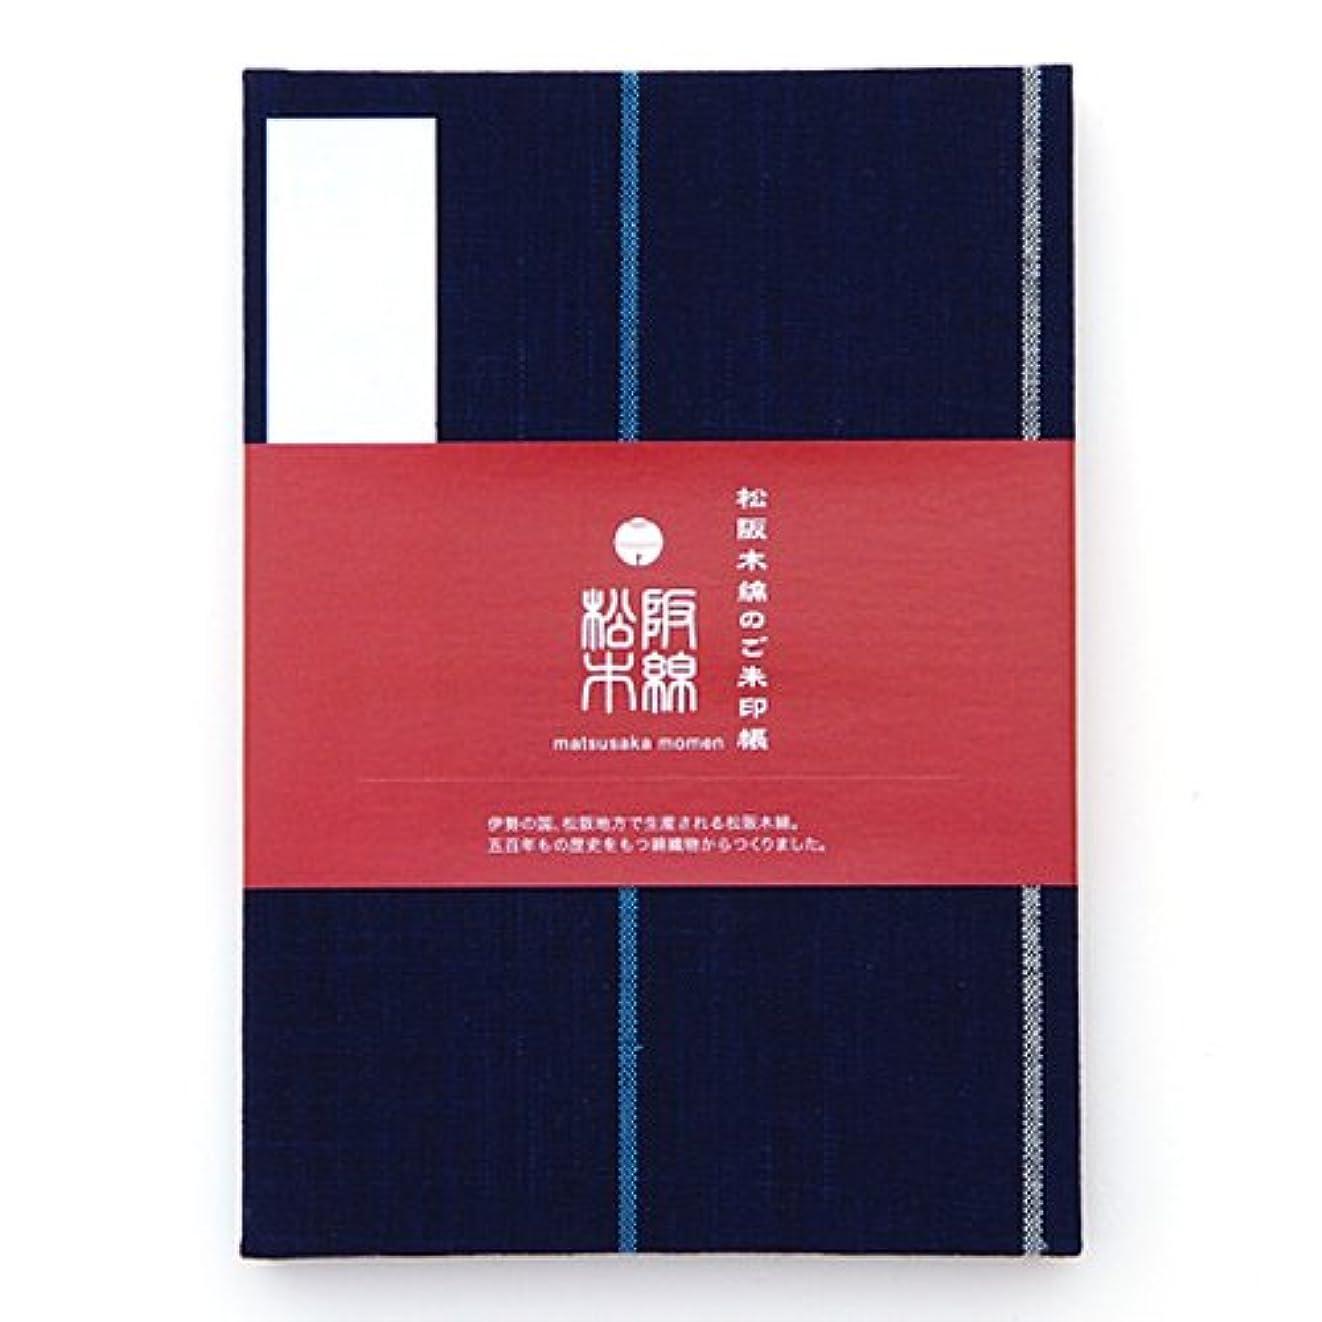 マッシュ勧めるアレキサンダーグラハムベル松阪木綿のご朱印帳-45(縦縞) 蛇腹タイプ